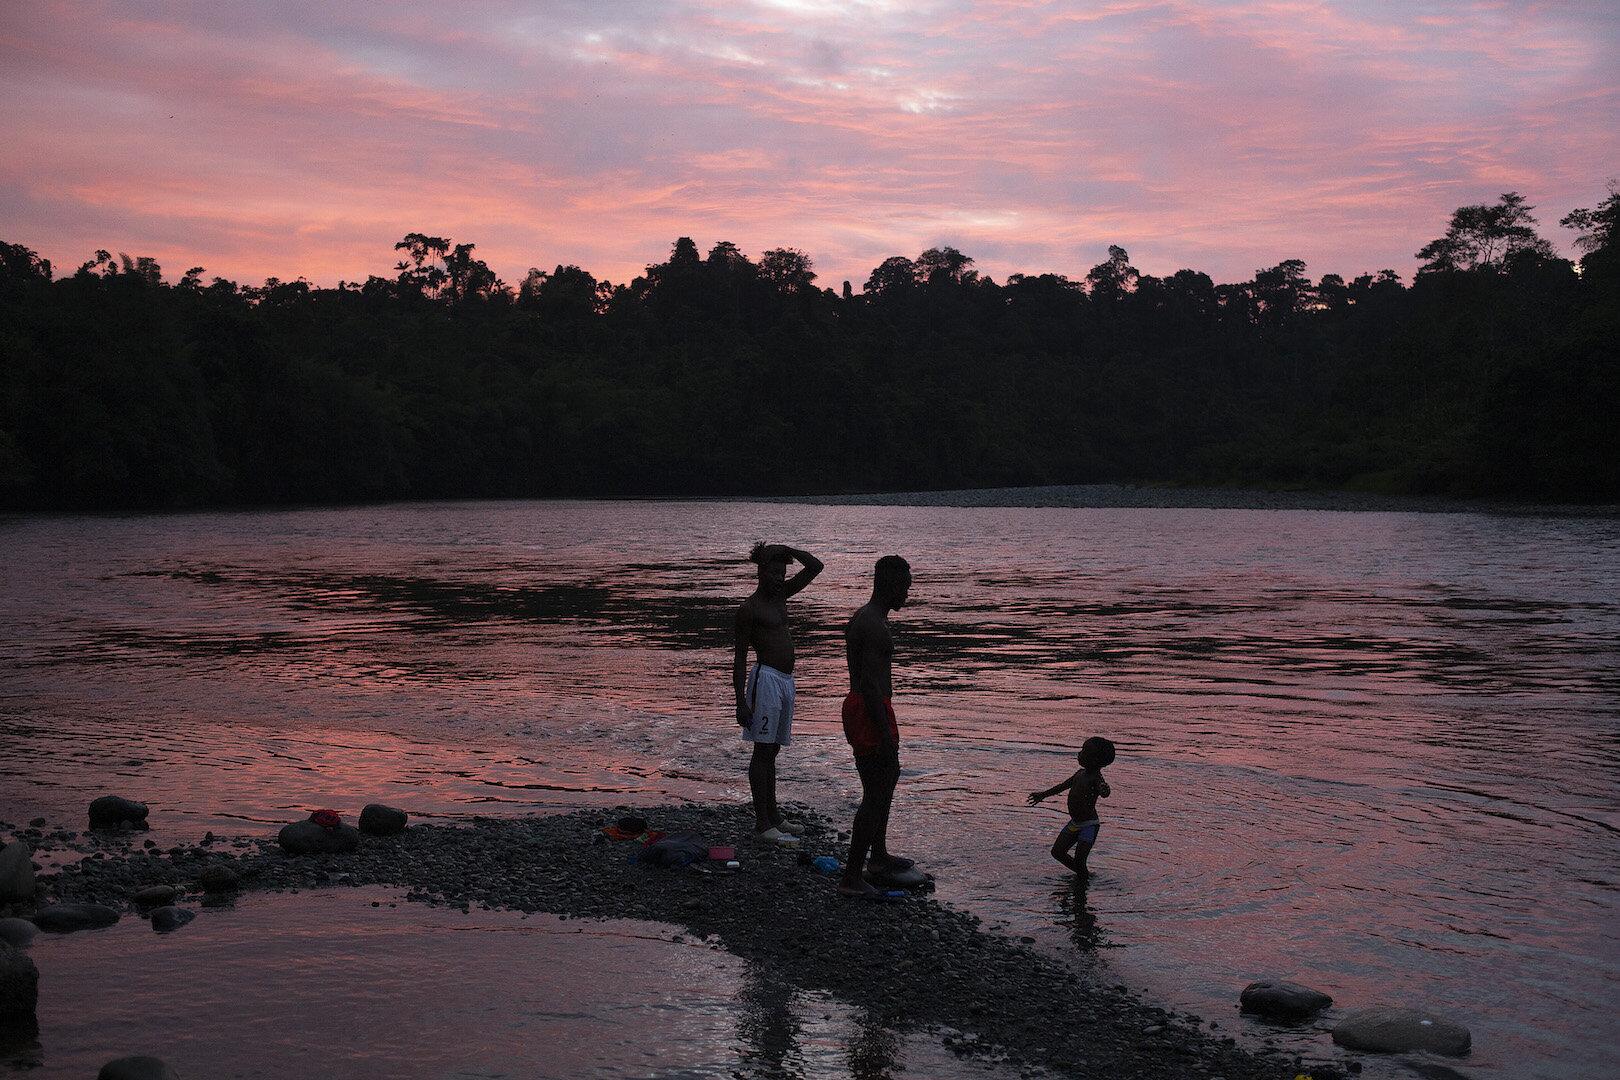 Atardecer en Playa de Oro, a orillas del río Santiago. Foto: @EduLeon, Fundación ALDEA, 2019.